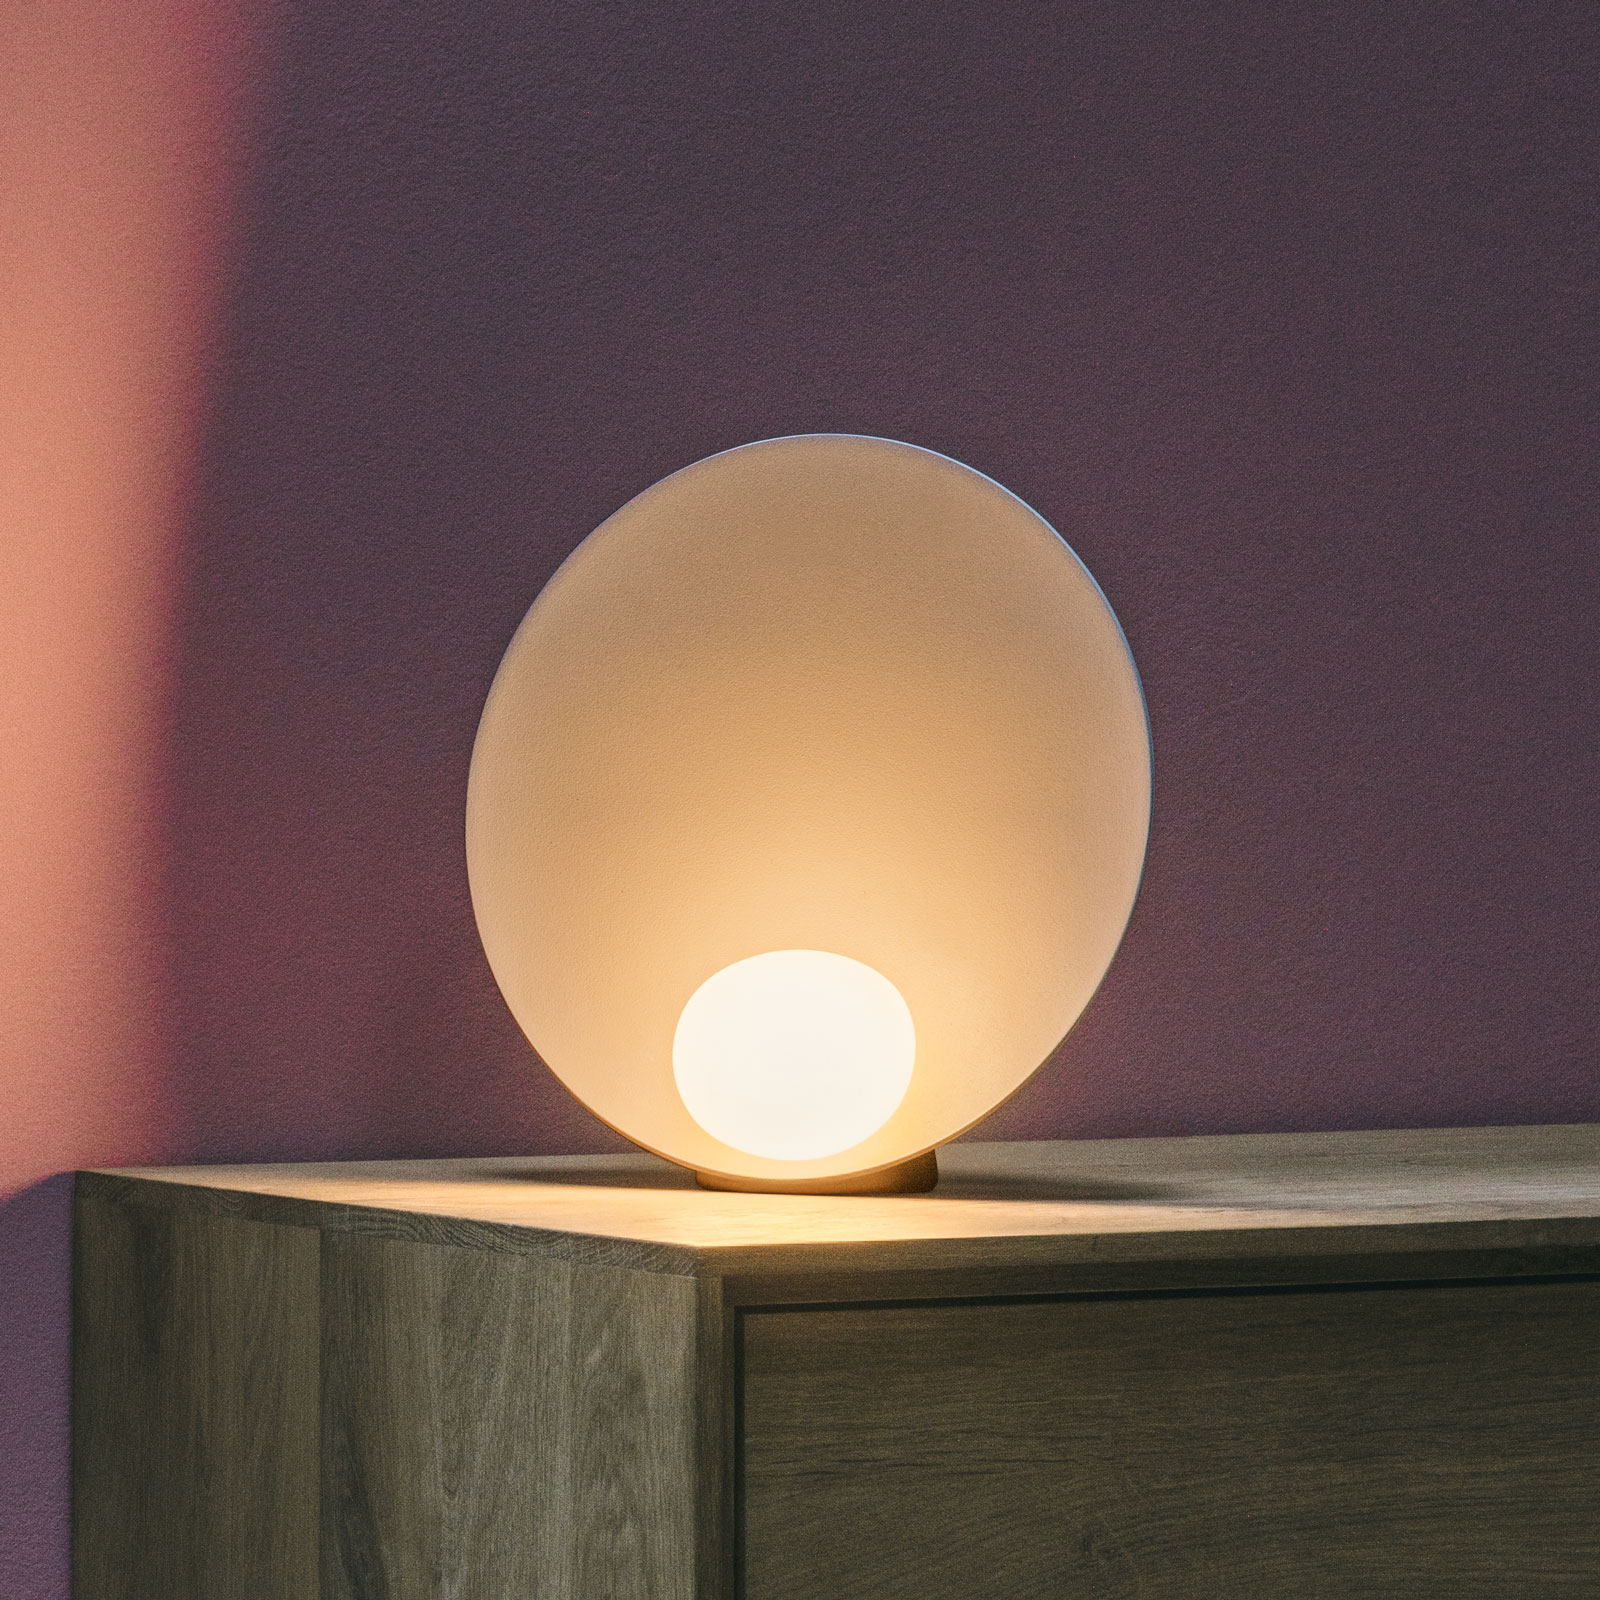 Vibia Musa 7400 LED-pöytälamppu pysty, lohi